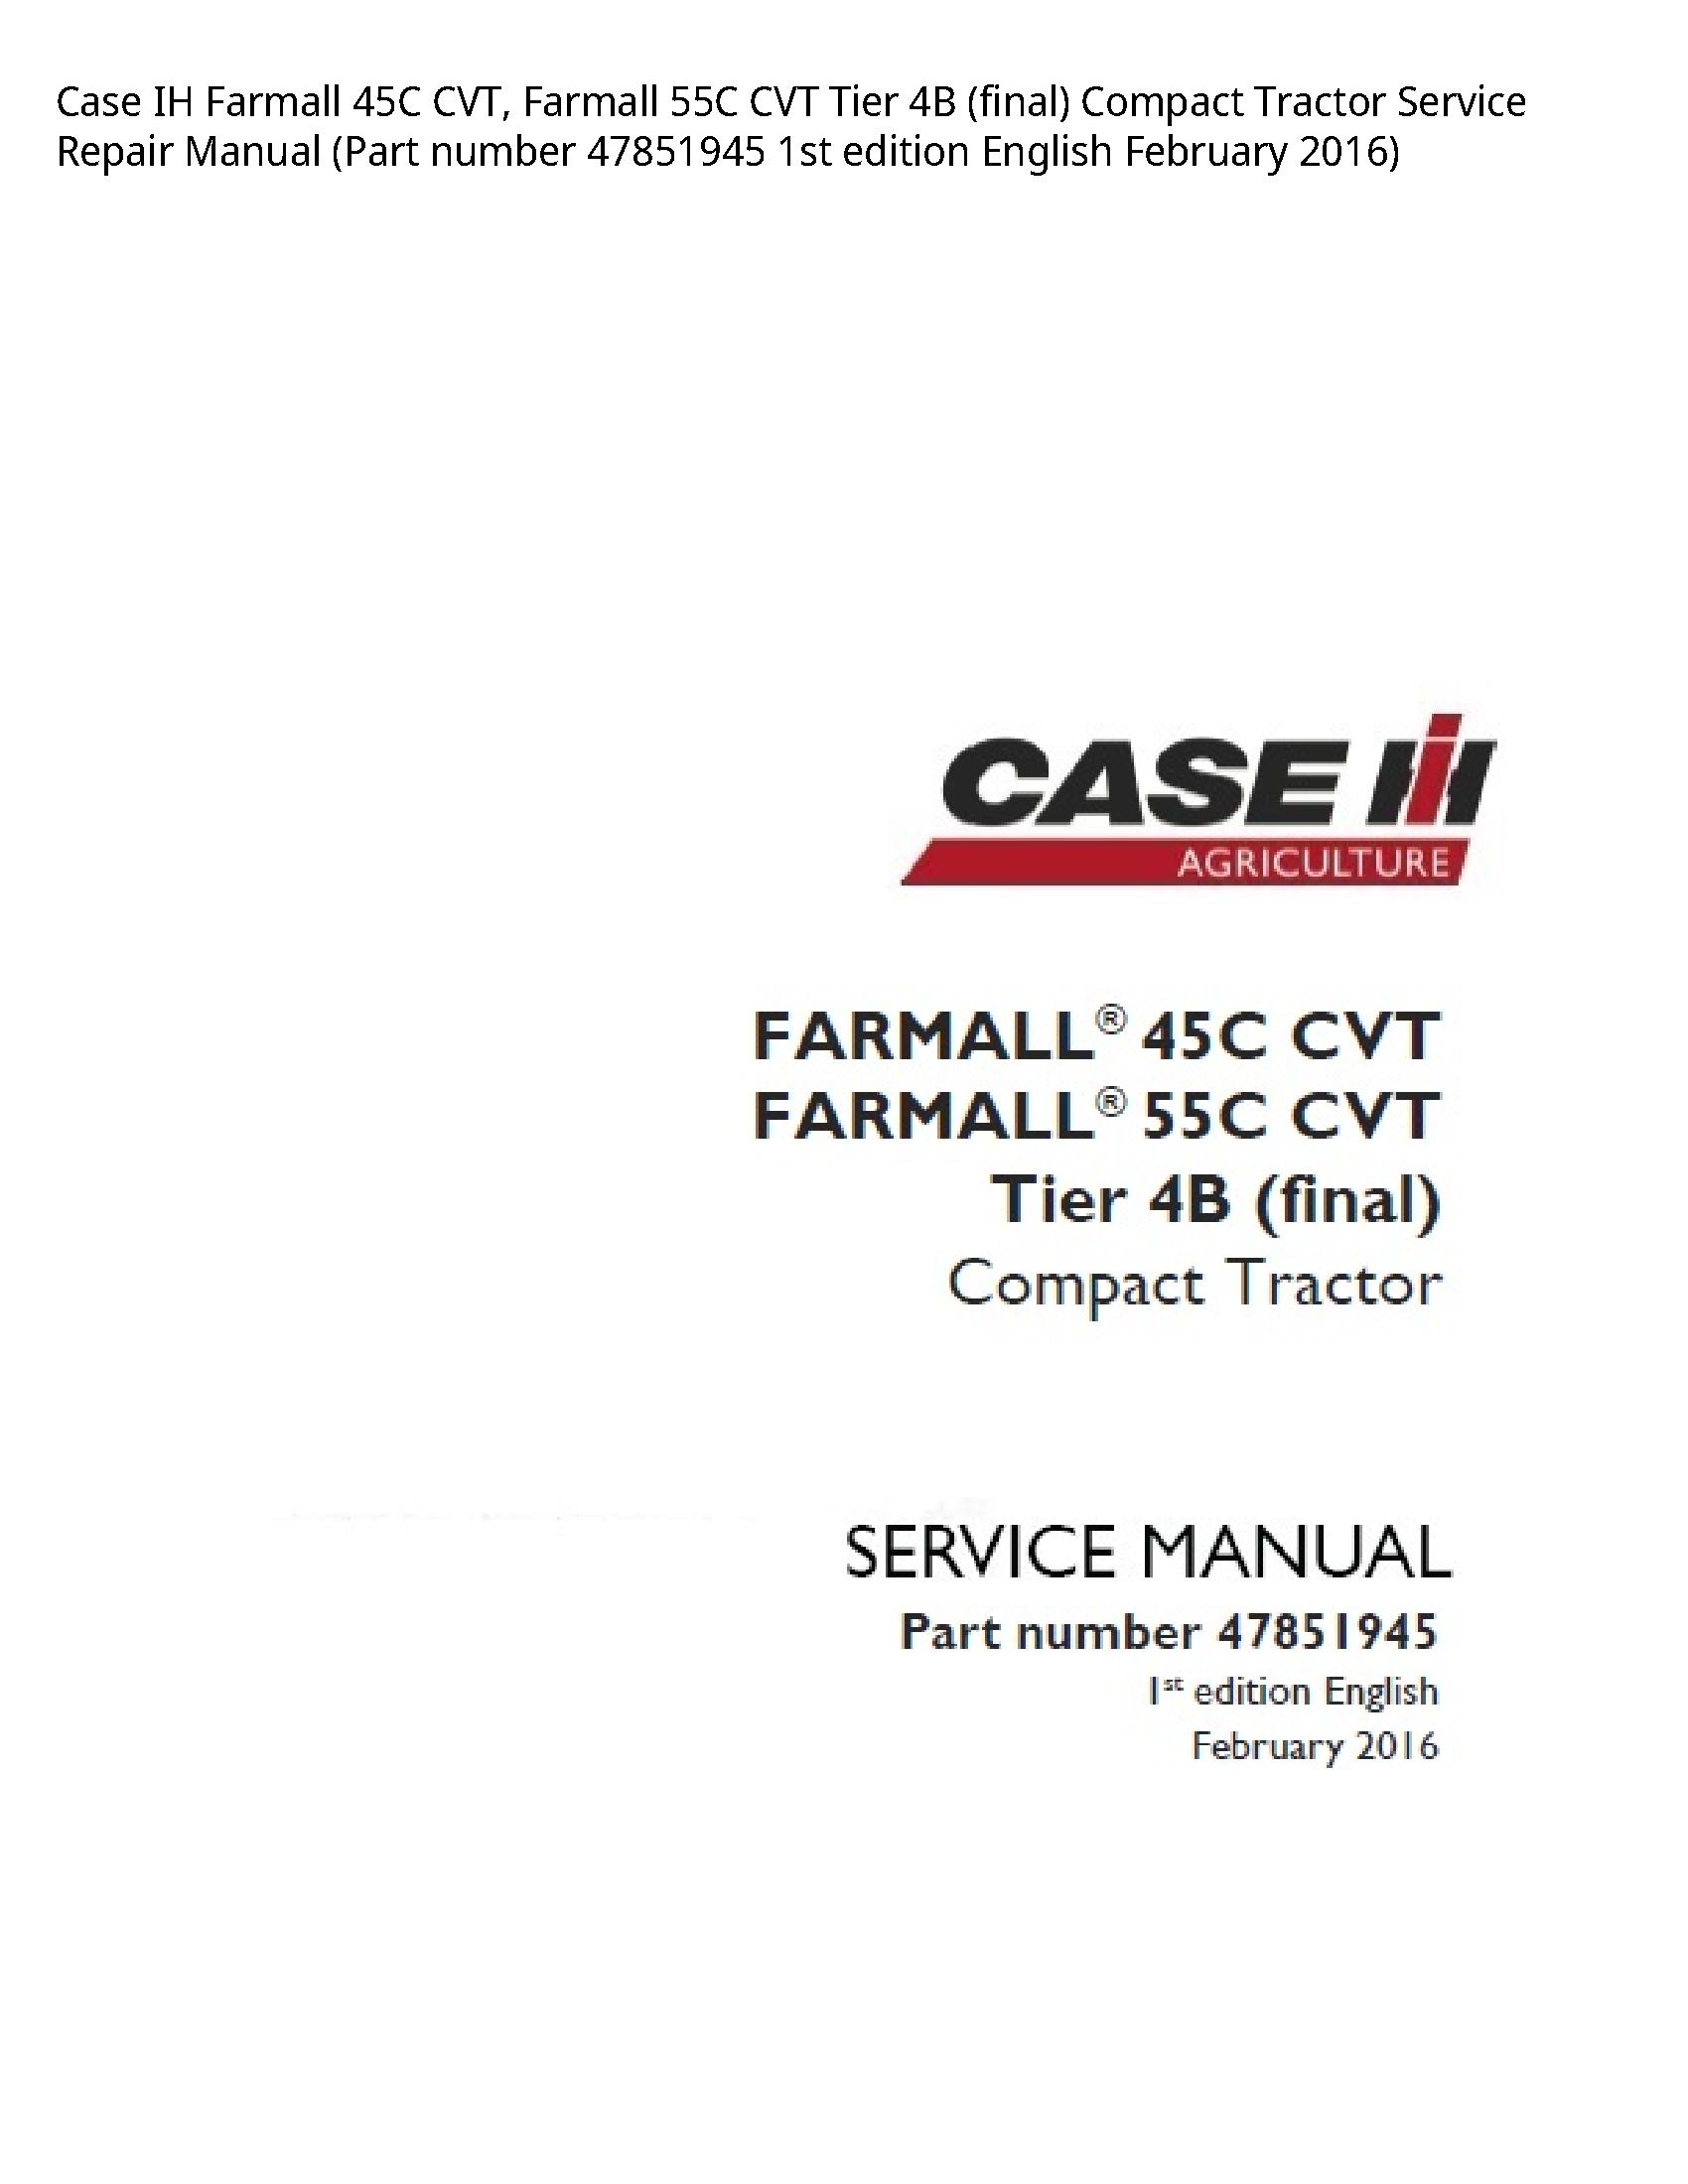 Case/Case IH 45C IH Farmall CVT manual